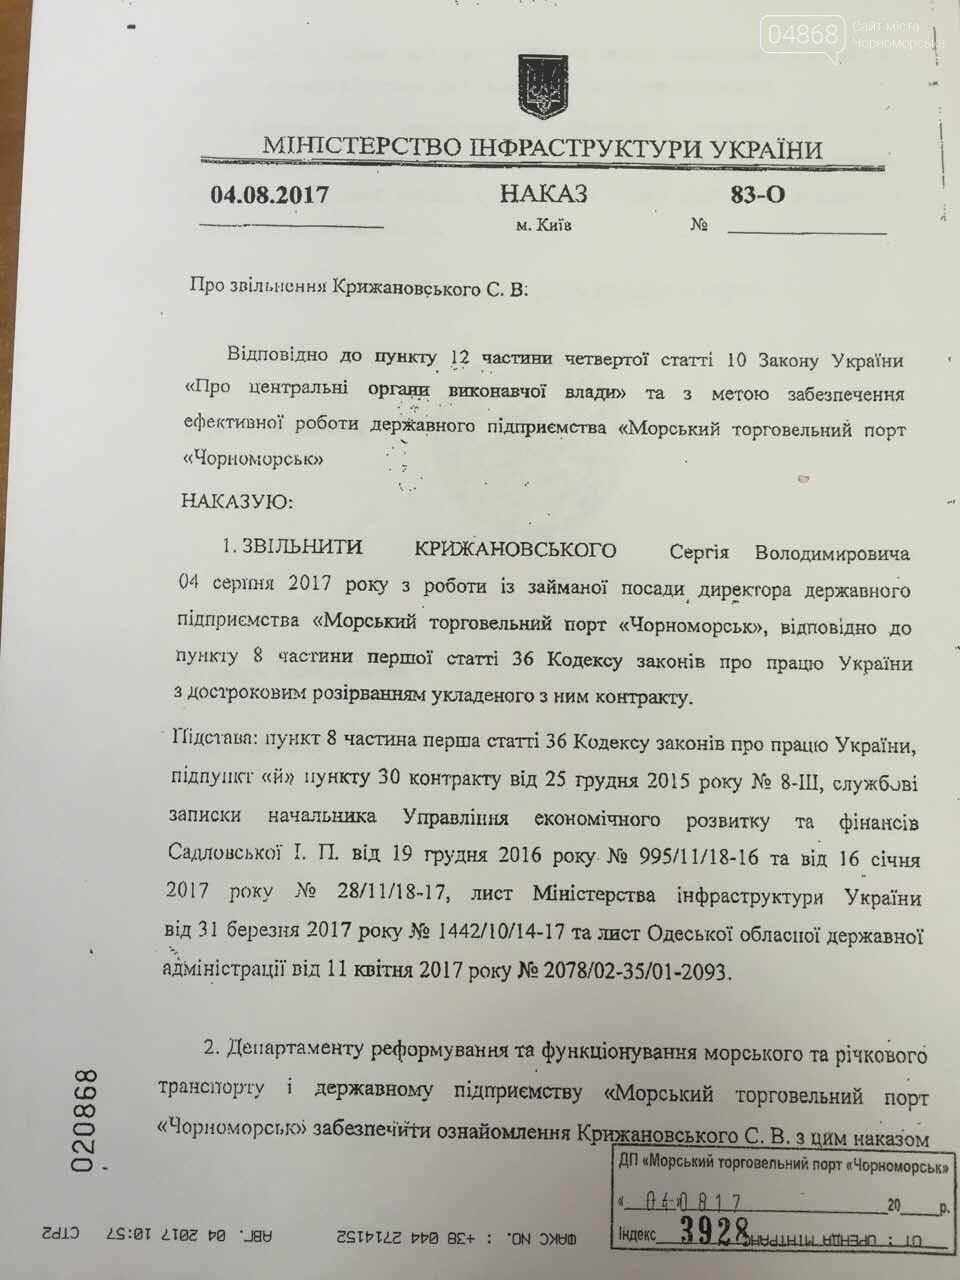 Дело Черноморского порта: бывший директор, подозреваемый НАБУ в воровстве, судится за возвращение на работу , фото-2